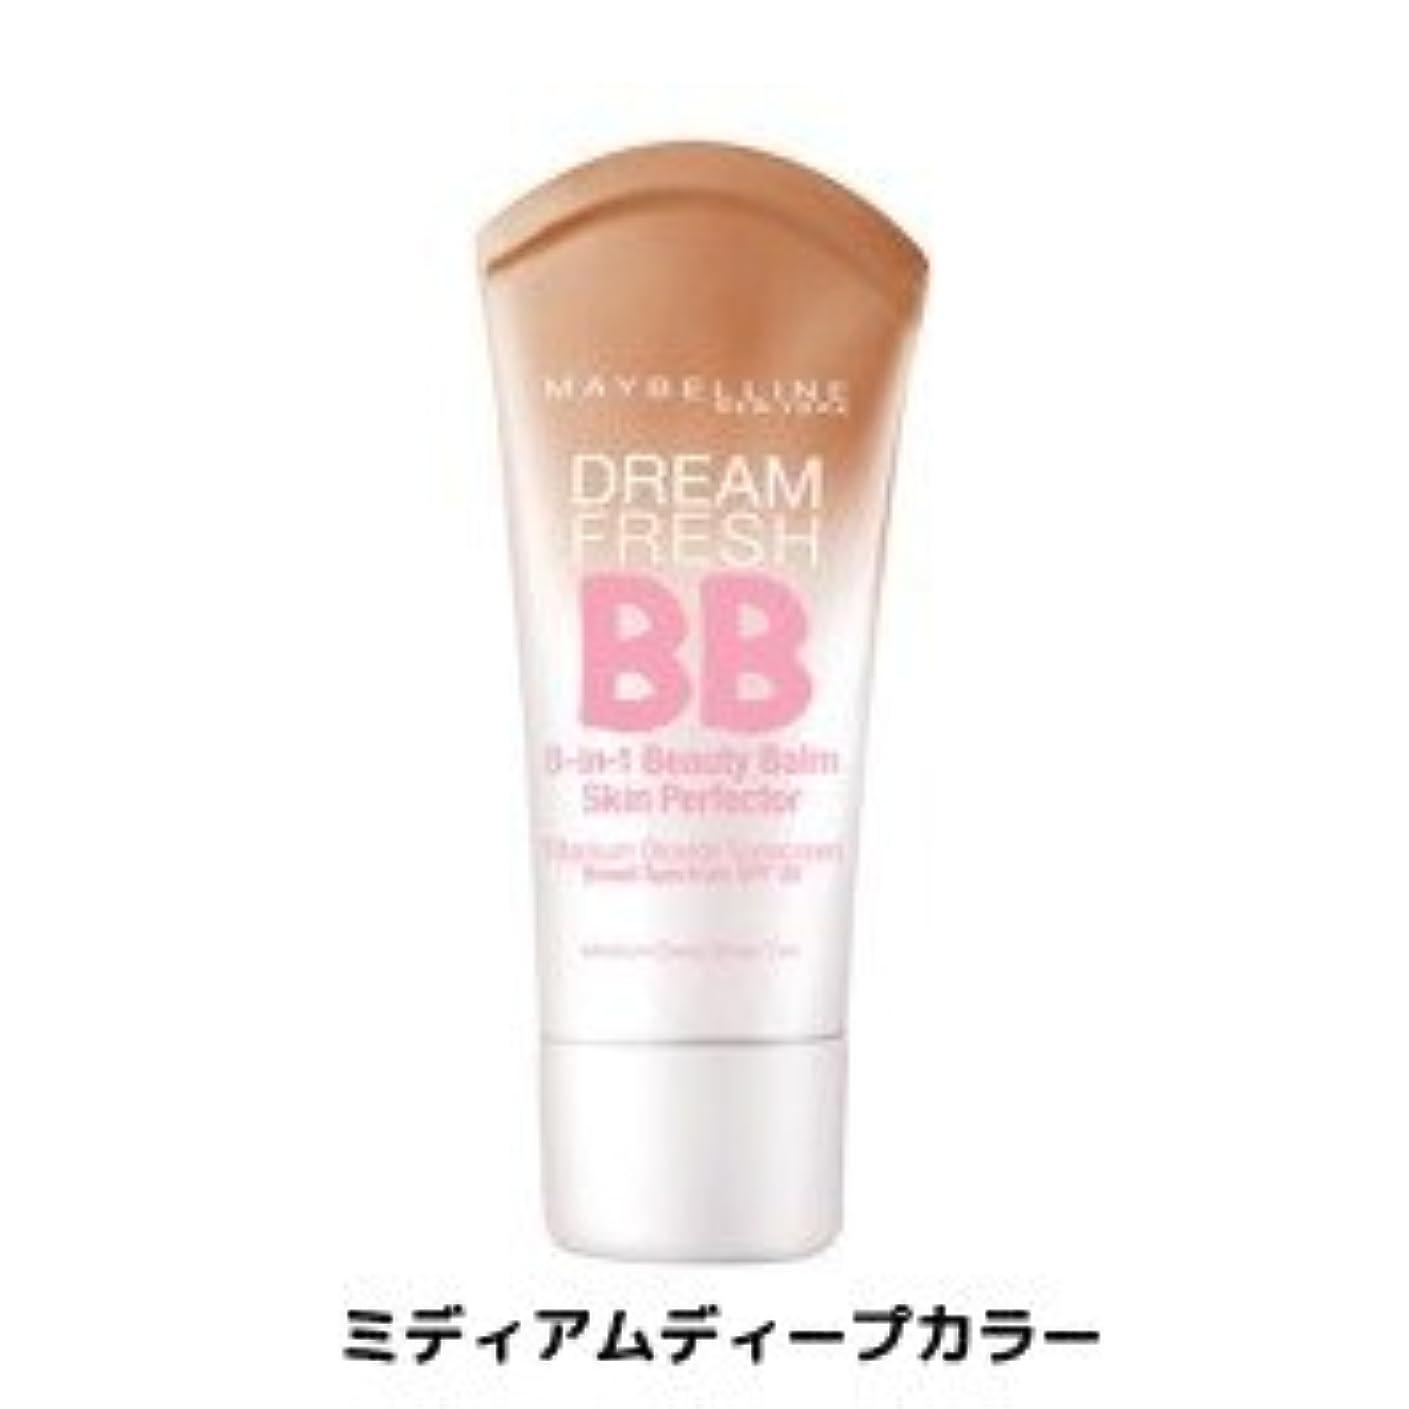 適用済み悲惨カバーメイベリン BBクリーム  SPF 30*Maybelline Dream Fresh BB Cream 30ml【平行輸入品】 (ミディアムディープカラー)